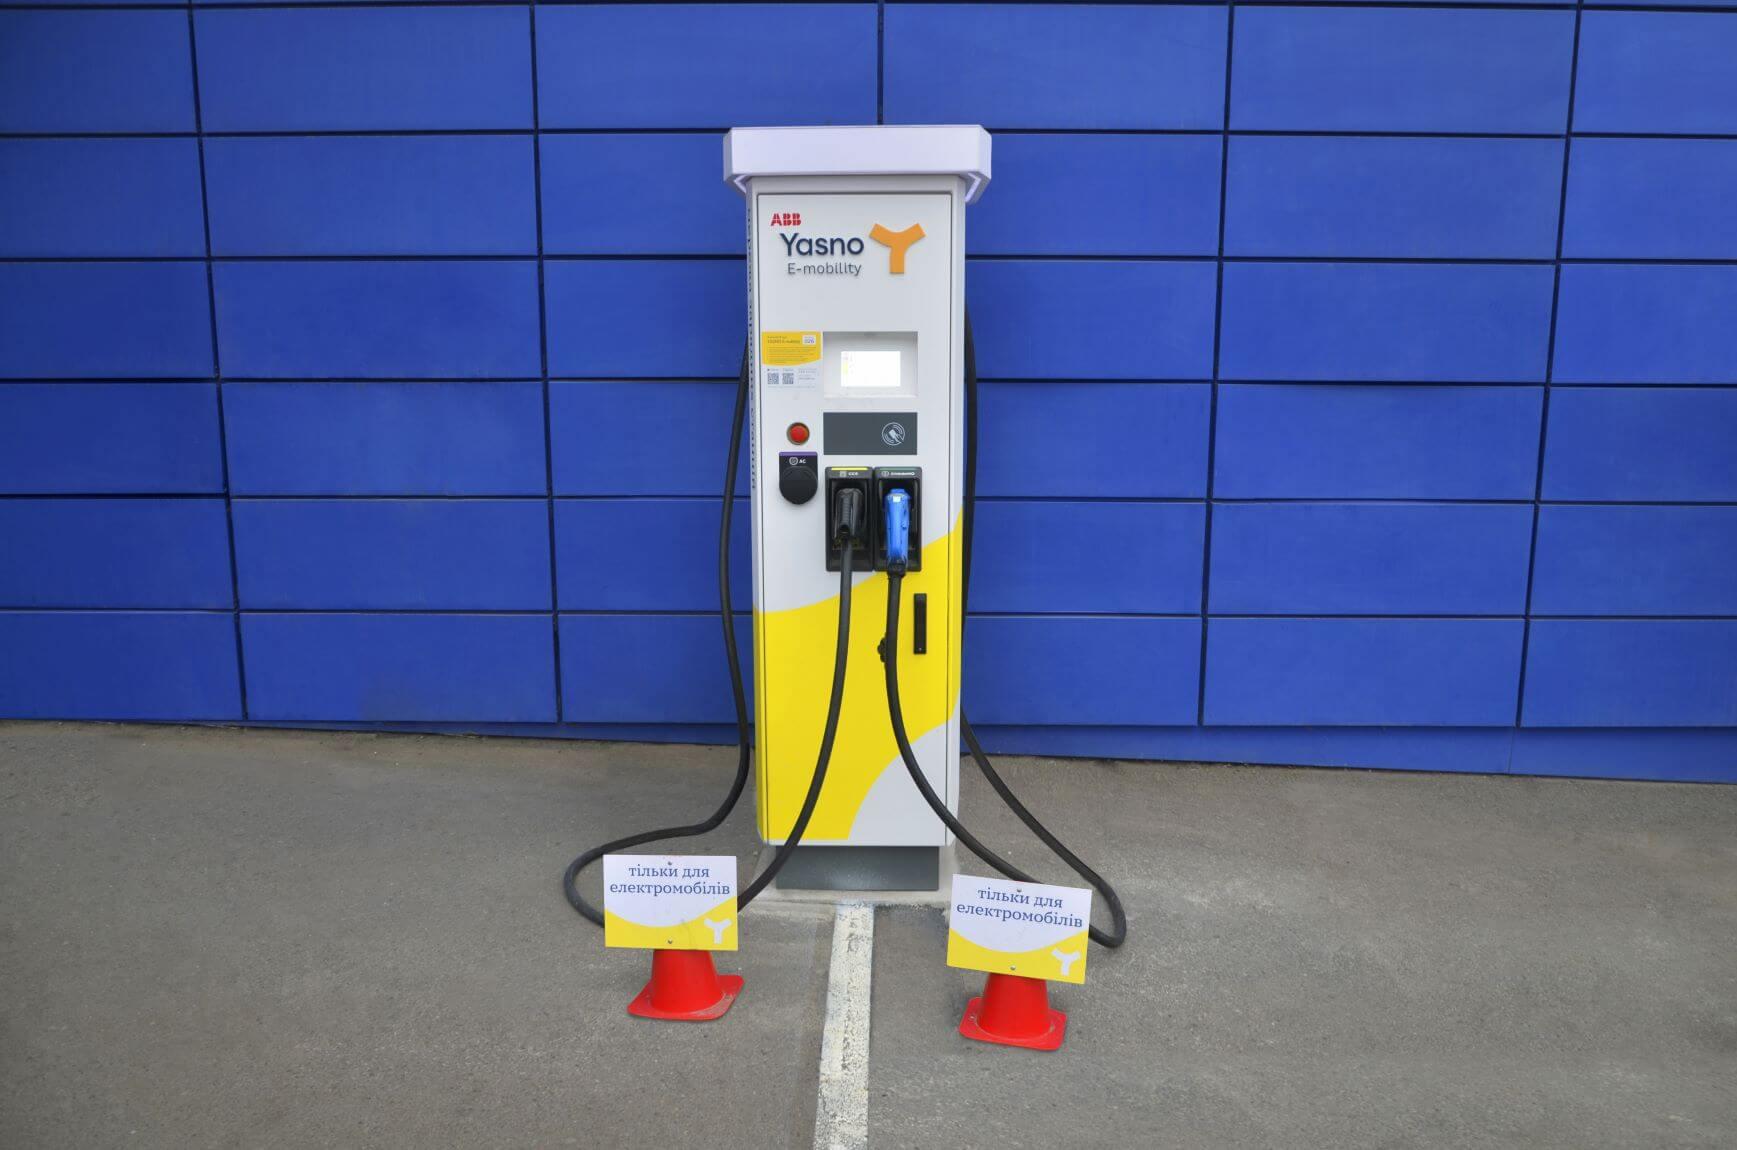 Первая быстрая зарядная станция YASNO E-mobility появилась в Днепре на территории паркинга ТРЦ «Караван» (ул. Нижнеднепровская, 17)